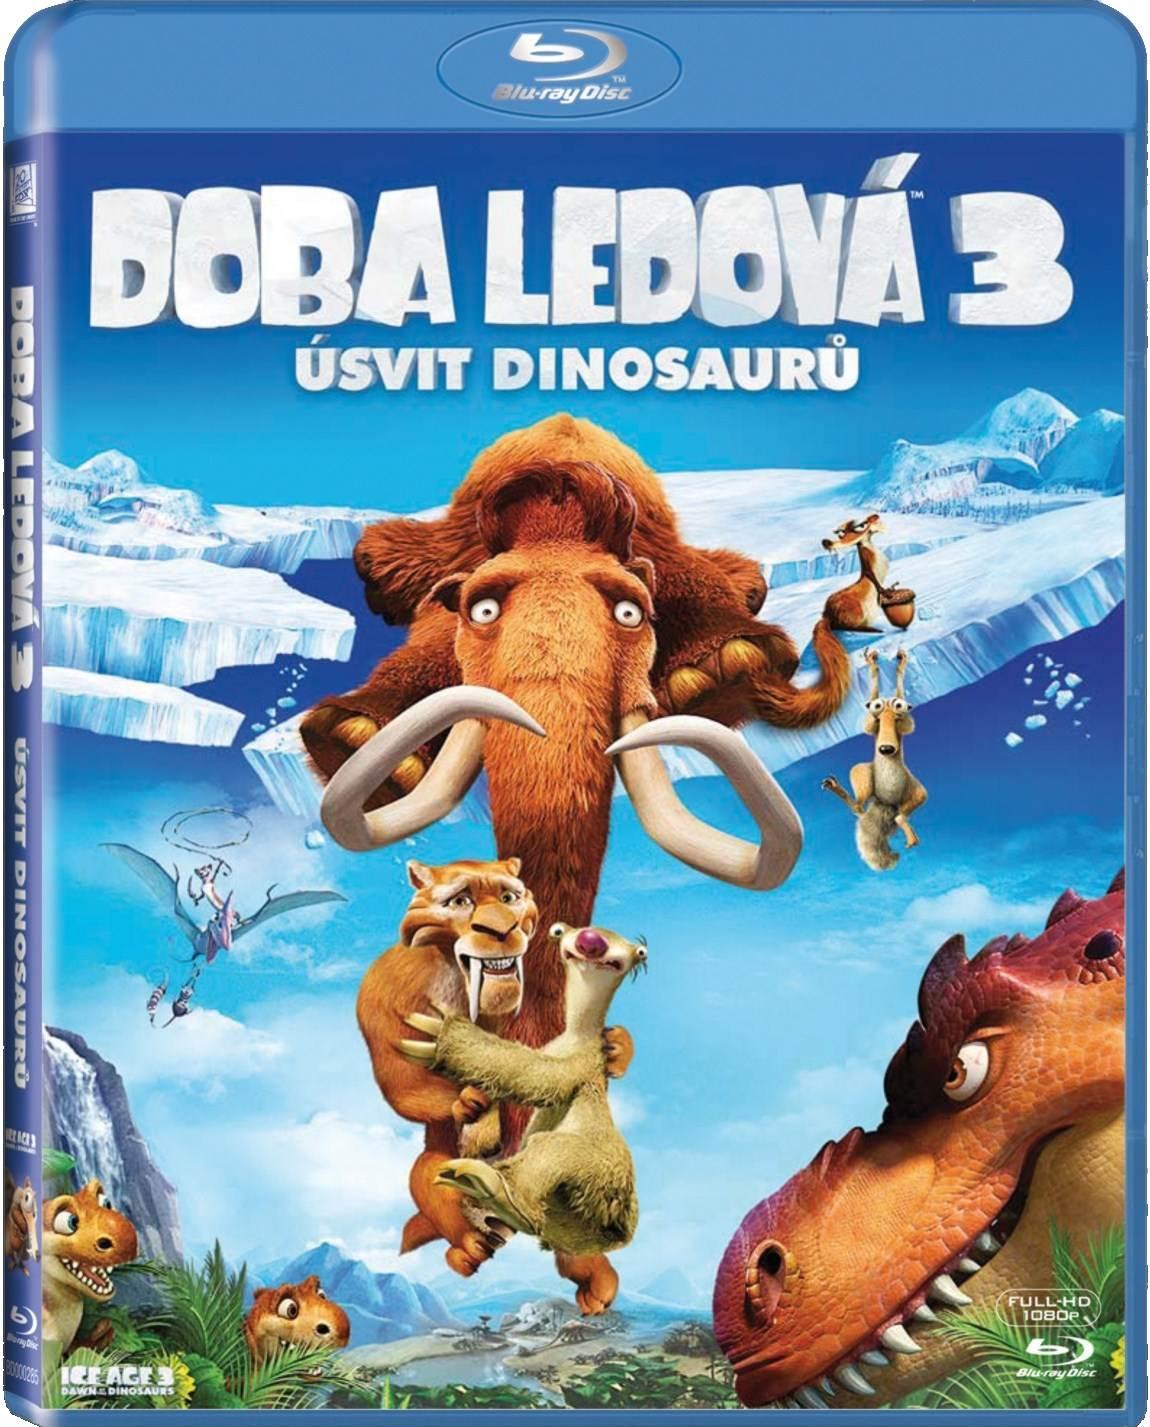 DOBA LEDOVÁ 3: ÚSVIT DINOSAURŮ - Blu-ray (AKCE FOX)